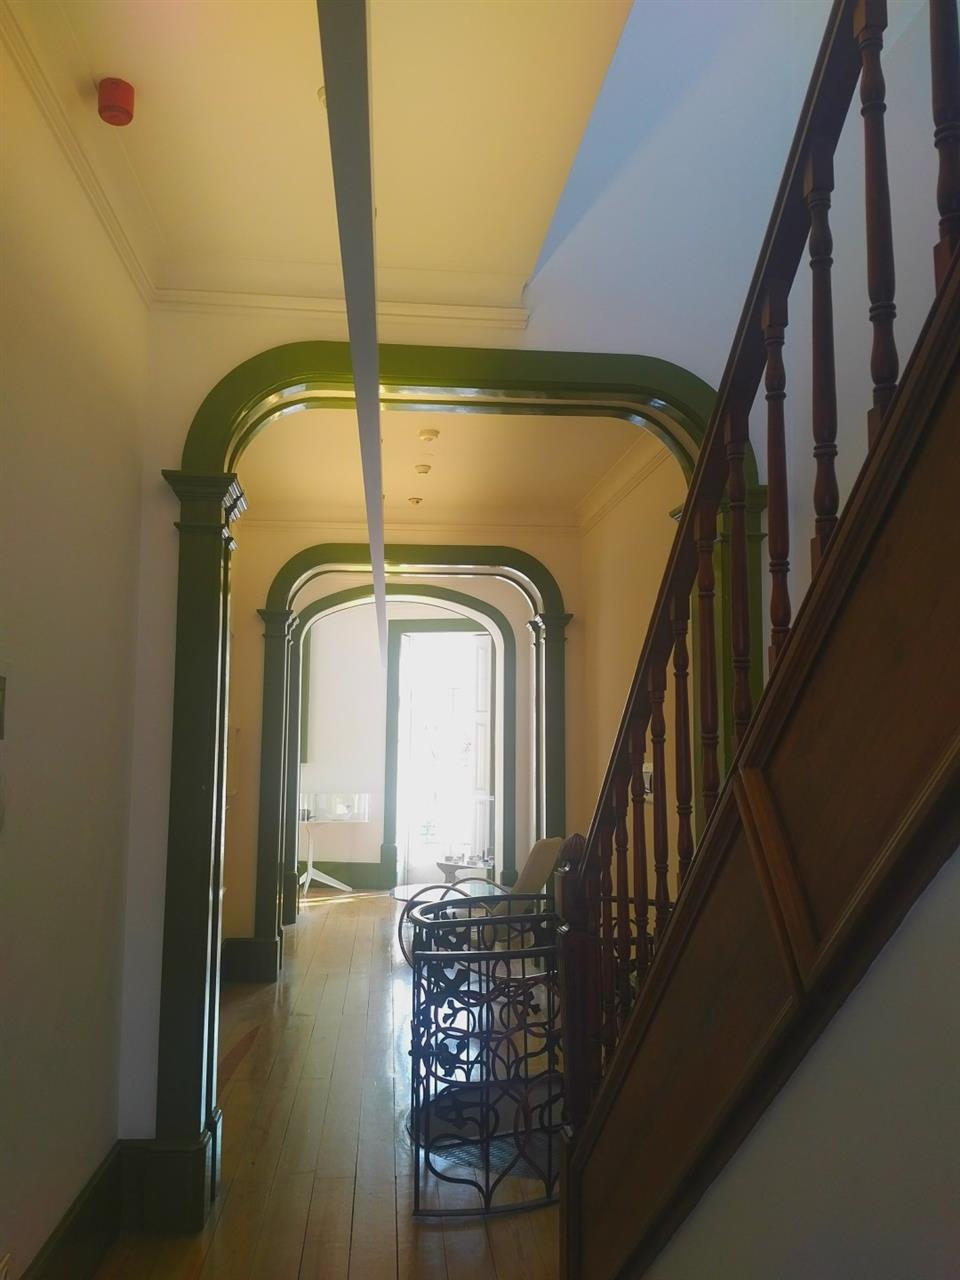 Art Nouveau Museum of Aveiro - the interior